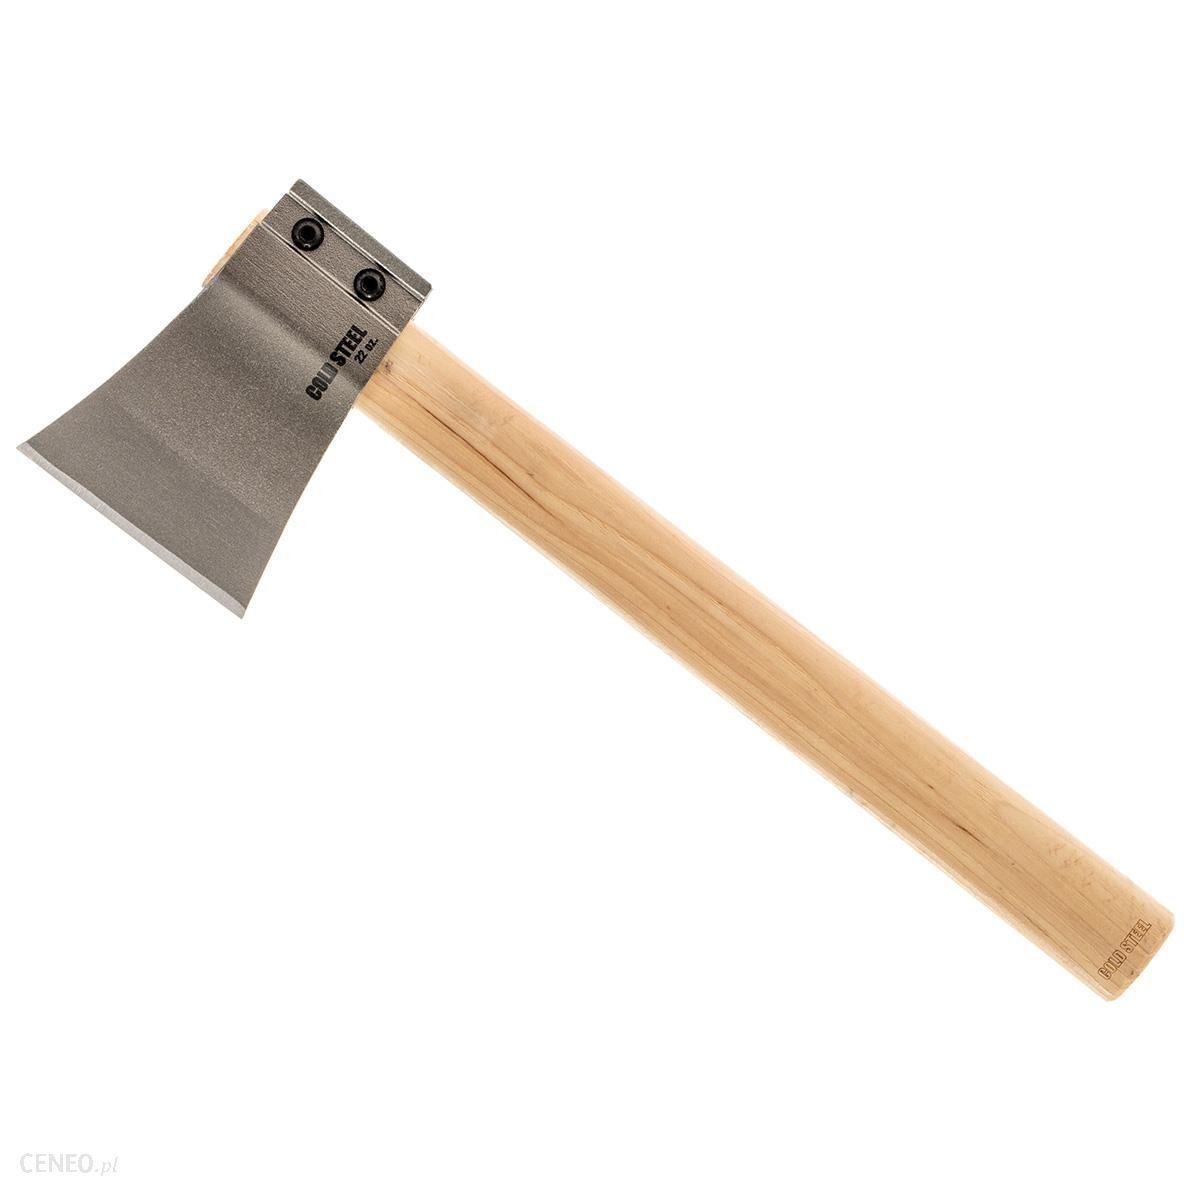 Топор Cold Steel 90AXA Professional Throwing, сталь 1055С, рукоять дерево гикори